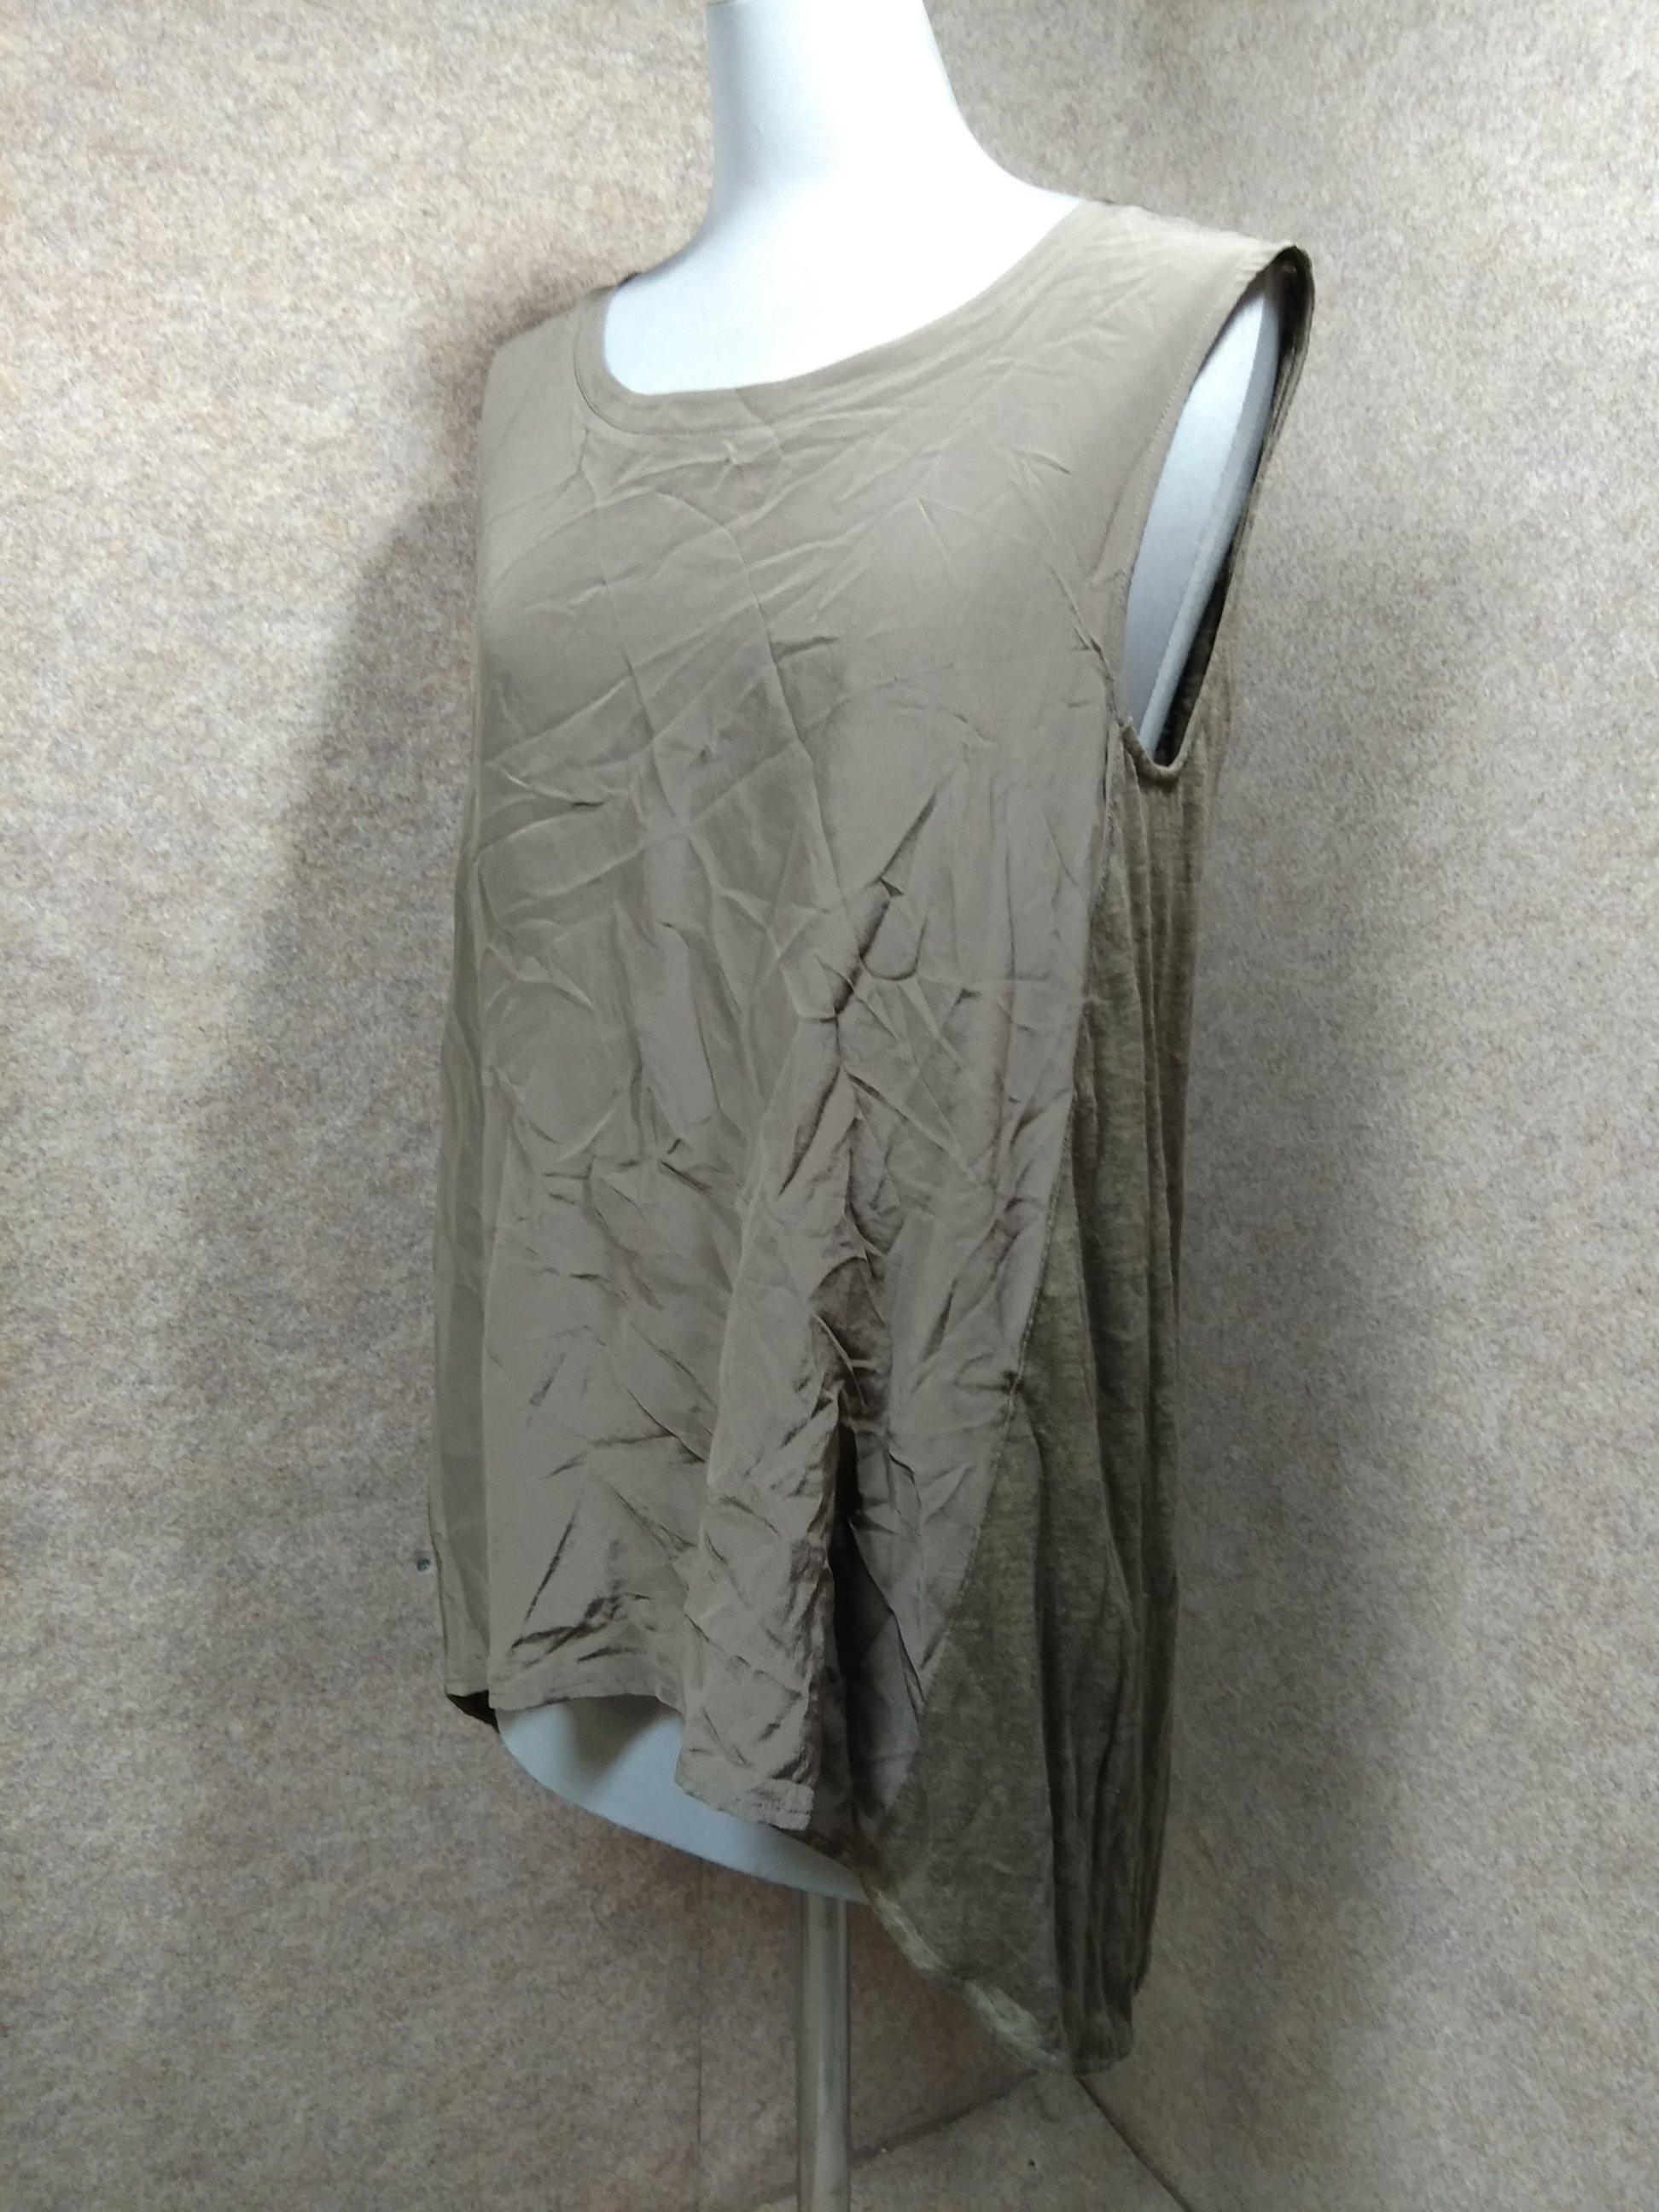 自由区 絹/麻 切替ノースリーブ カットソー 38 ブラウン u1251a